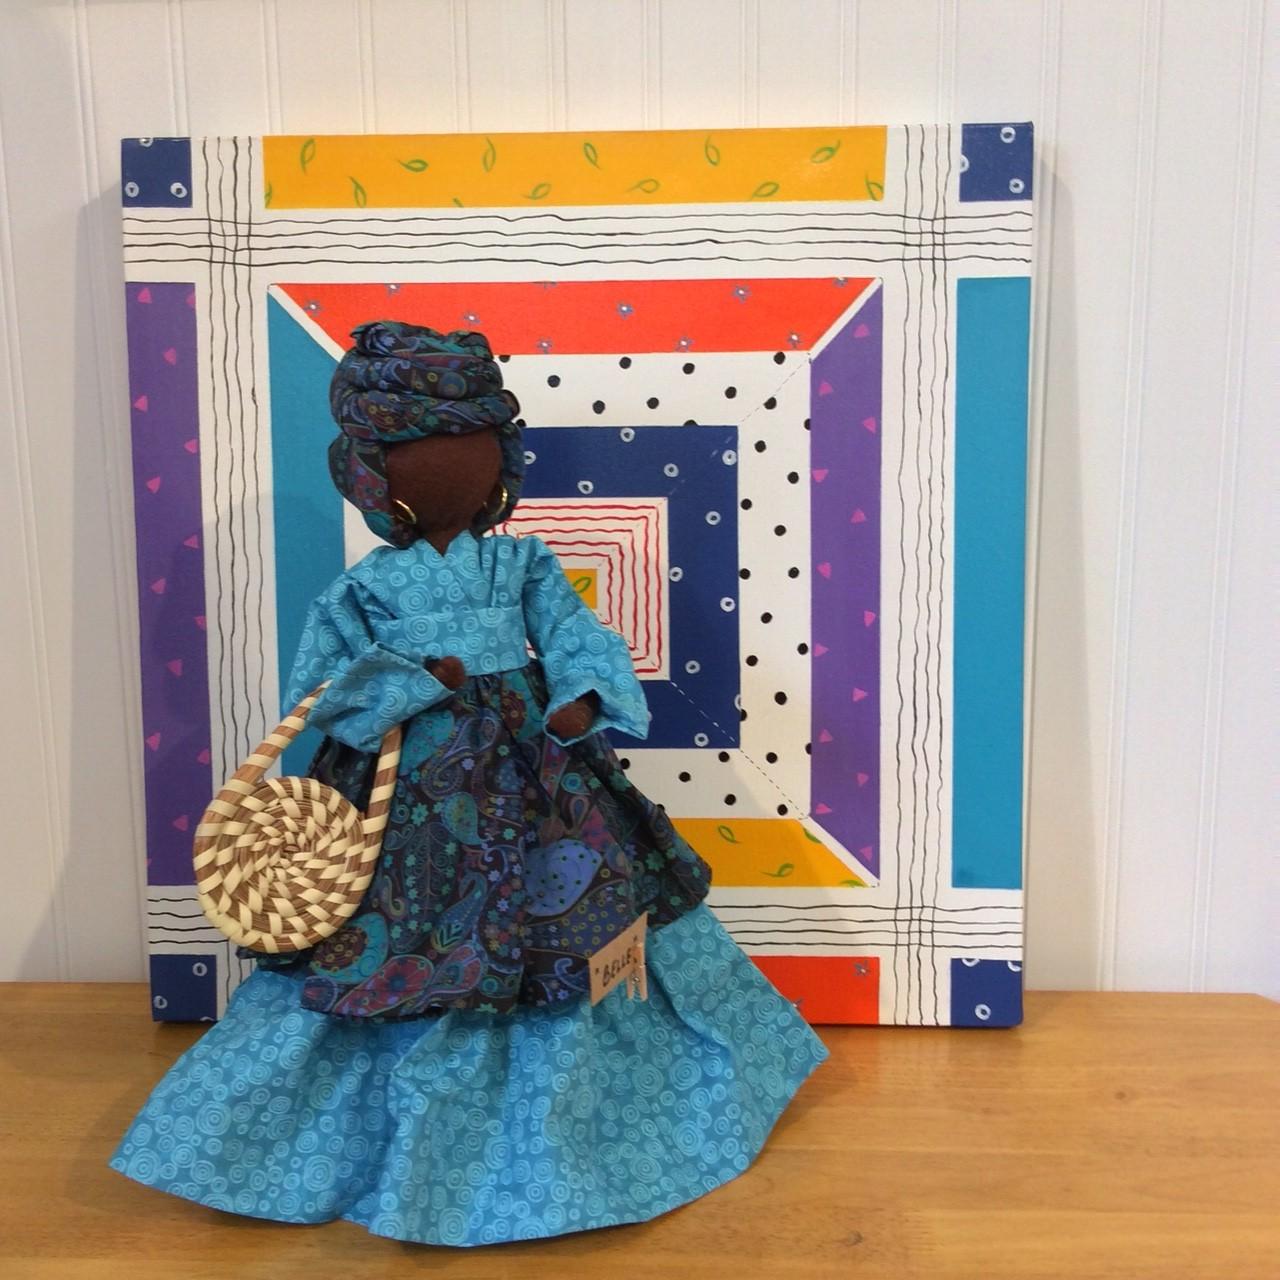 Belle - an Original Genya Gullah Bottle Doll / background: Fun Quilt Sq